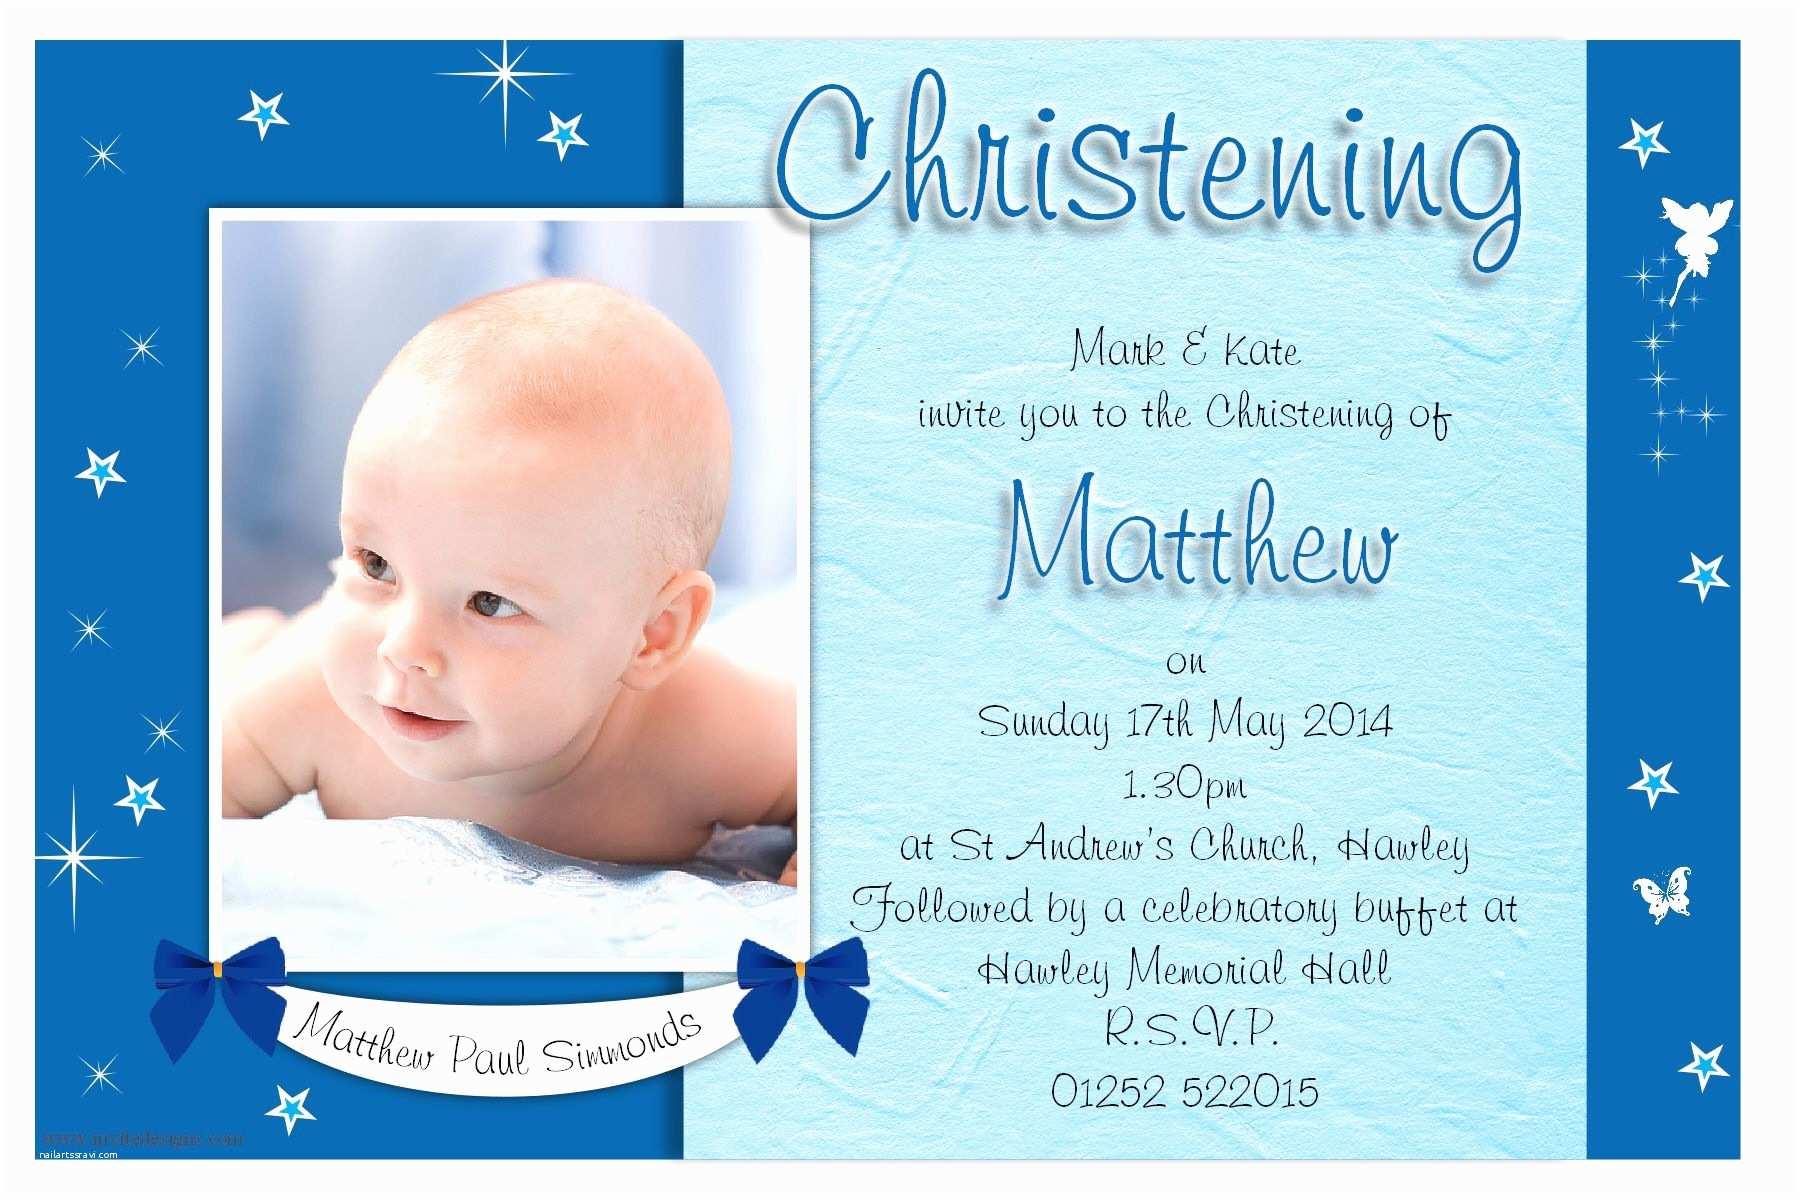 Baptismal Invitation Christening Invitation Cards Christening Invitation